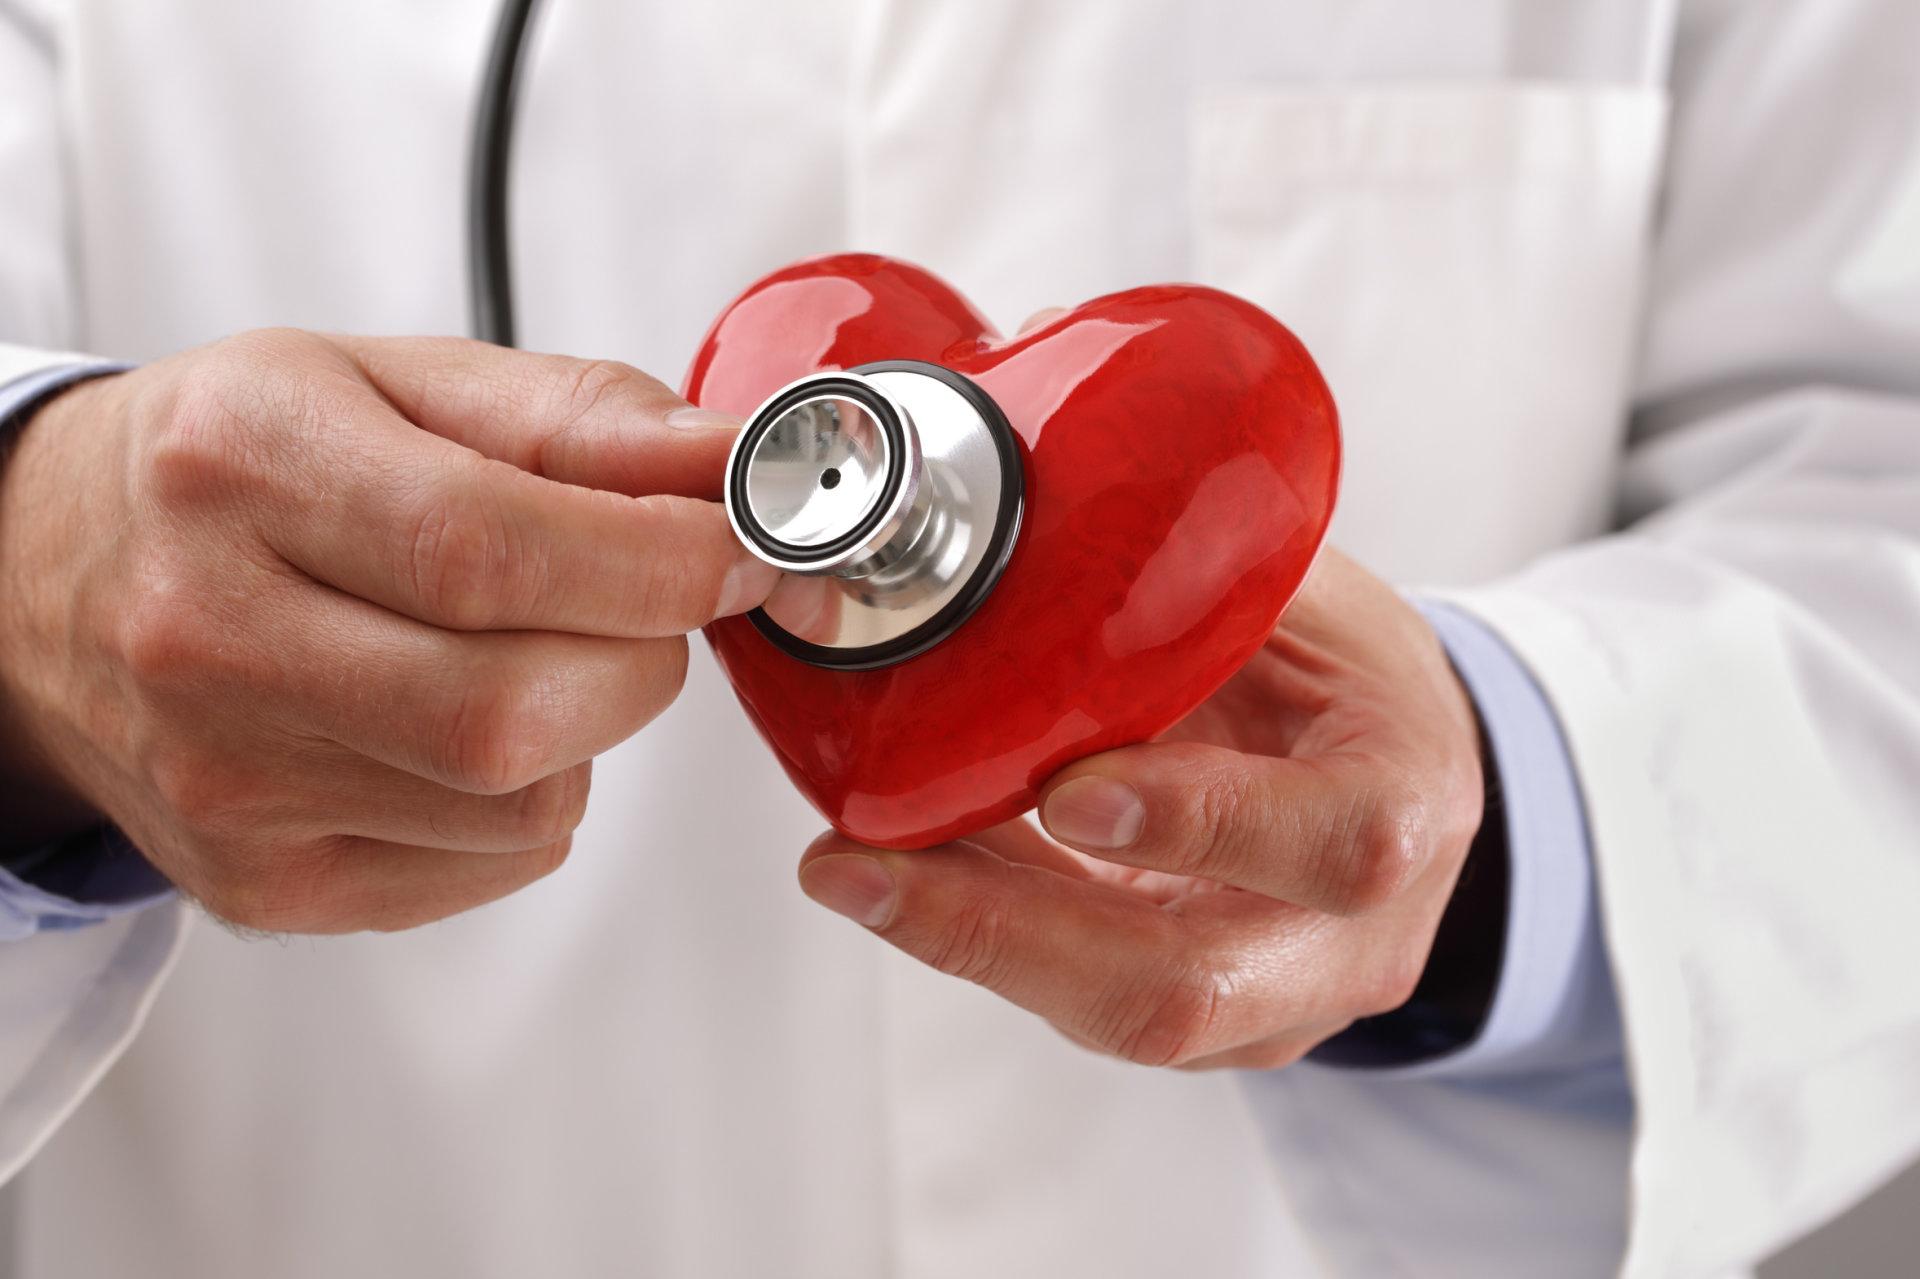 kaip nugalėti hipertenziją liaudies gynimo priemonėmis